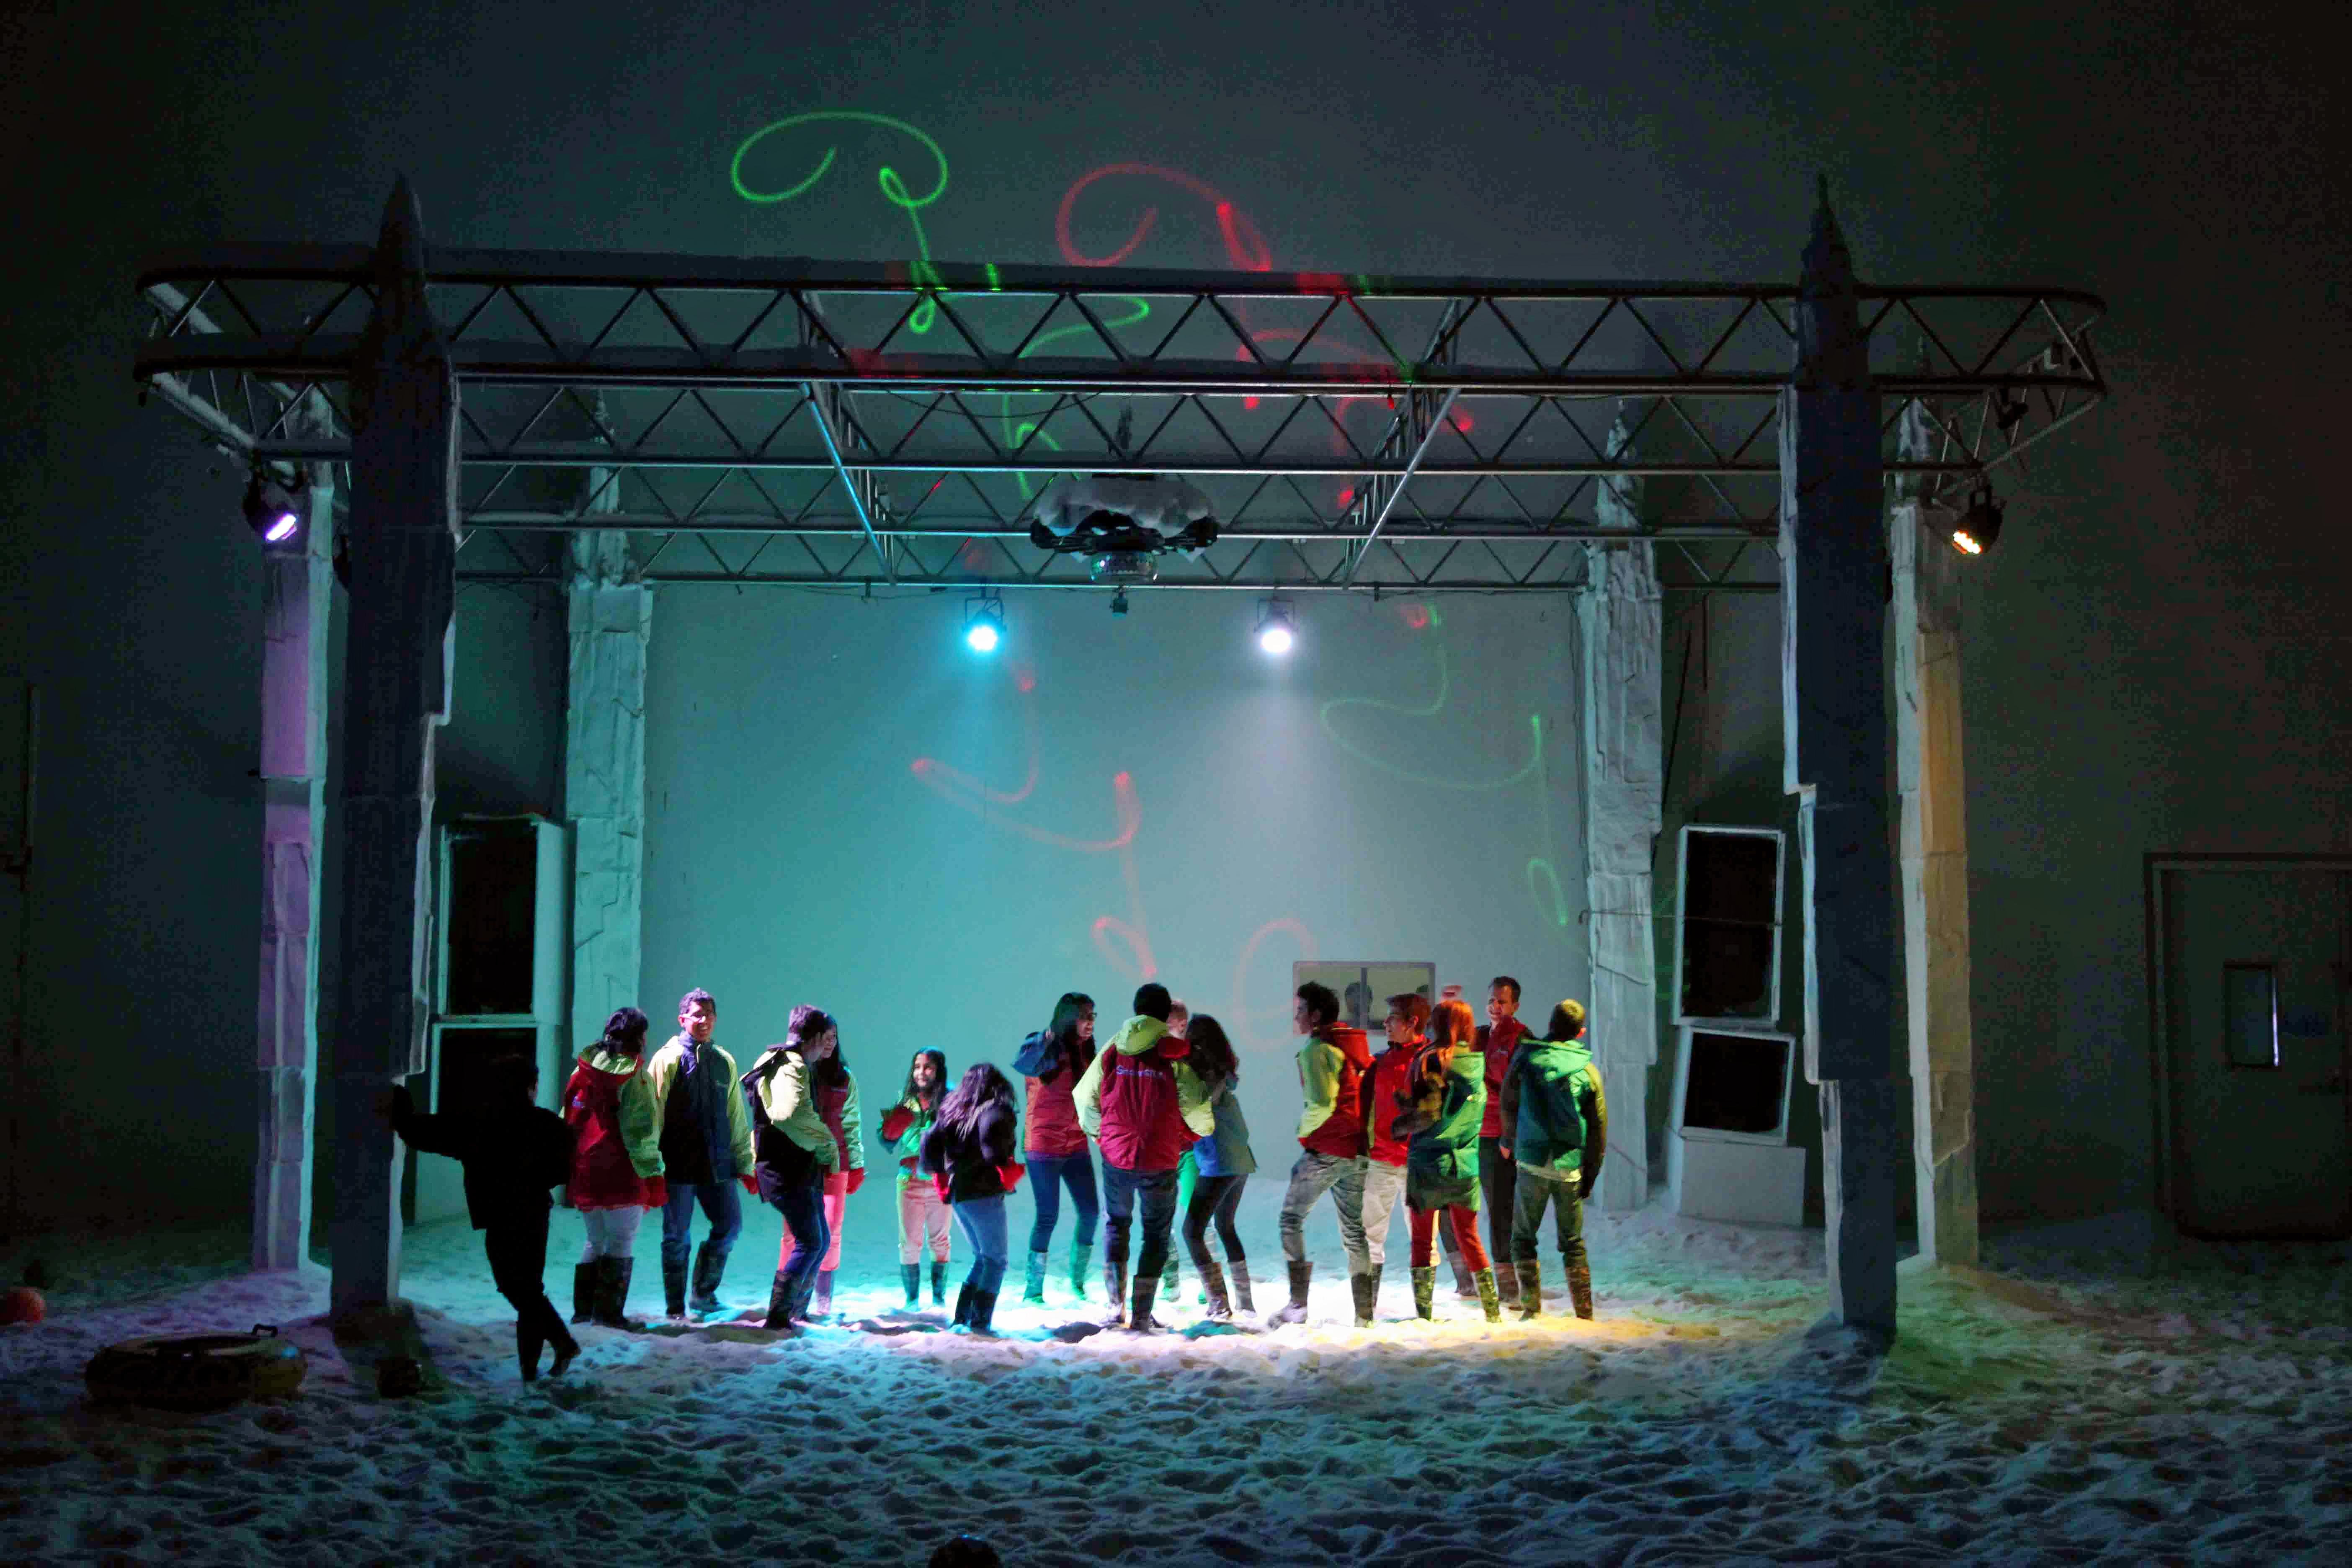 1487833088_snowcity_dance_img.jpg